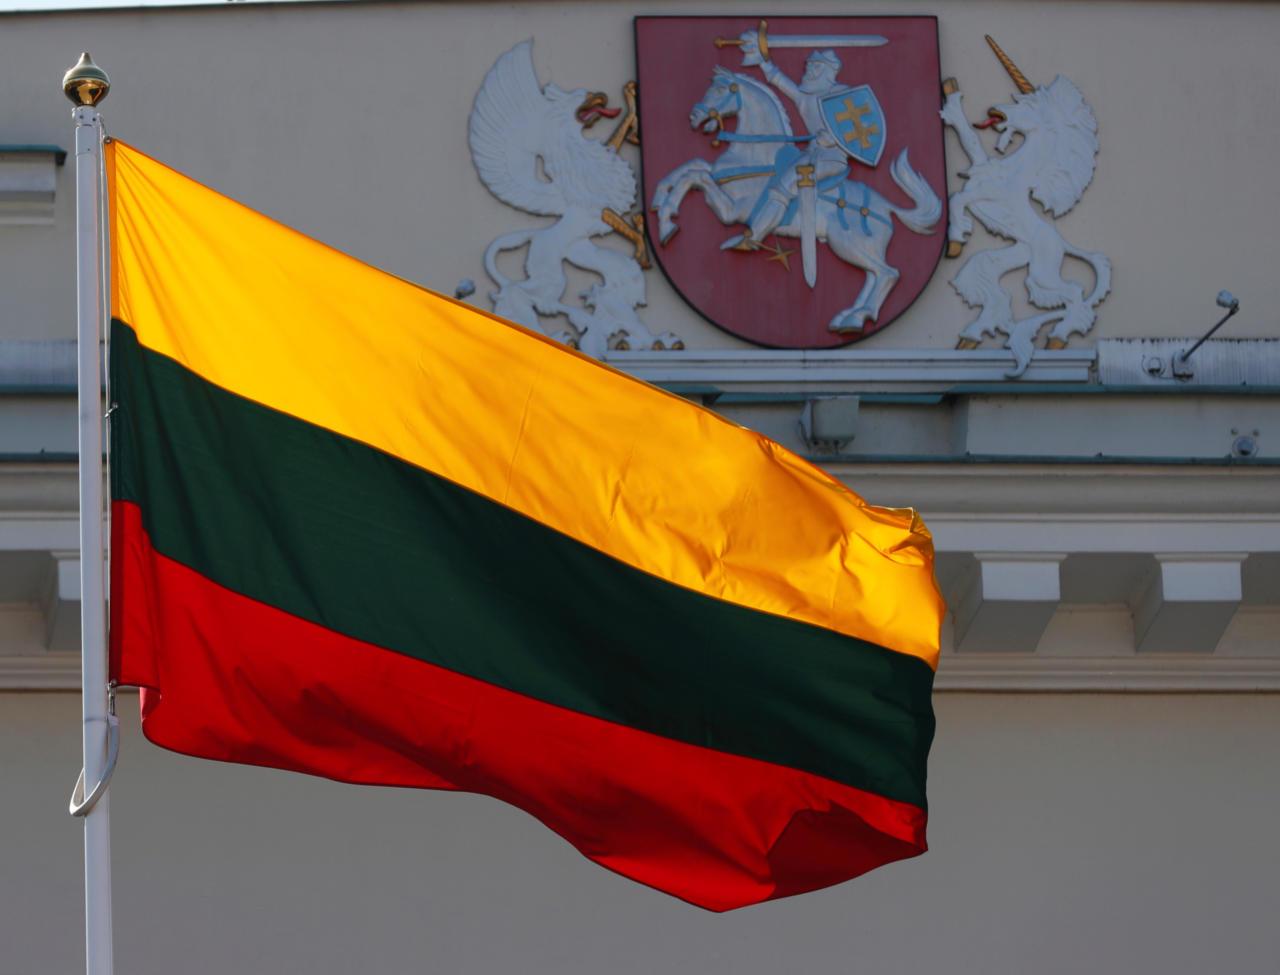 Leedu paneb eetrisolgile täiendavad lüüsid ette – ilmselt ennekõike Kremli suunalt